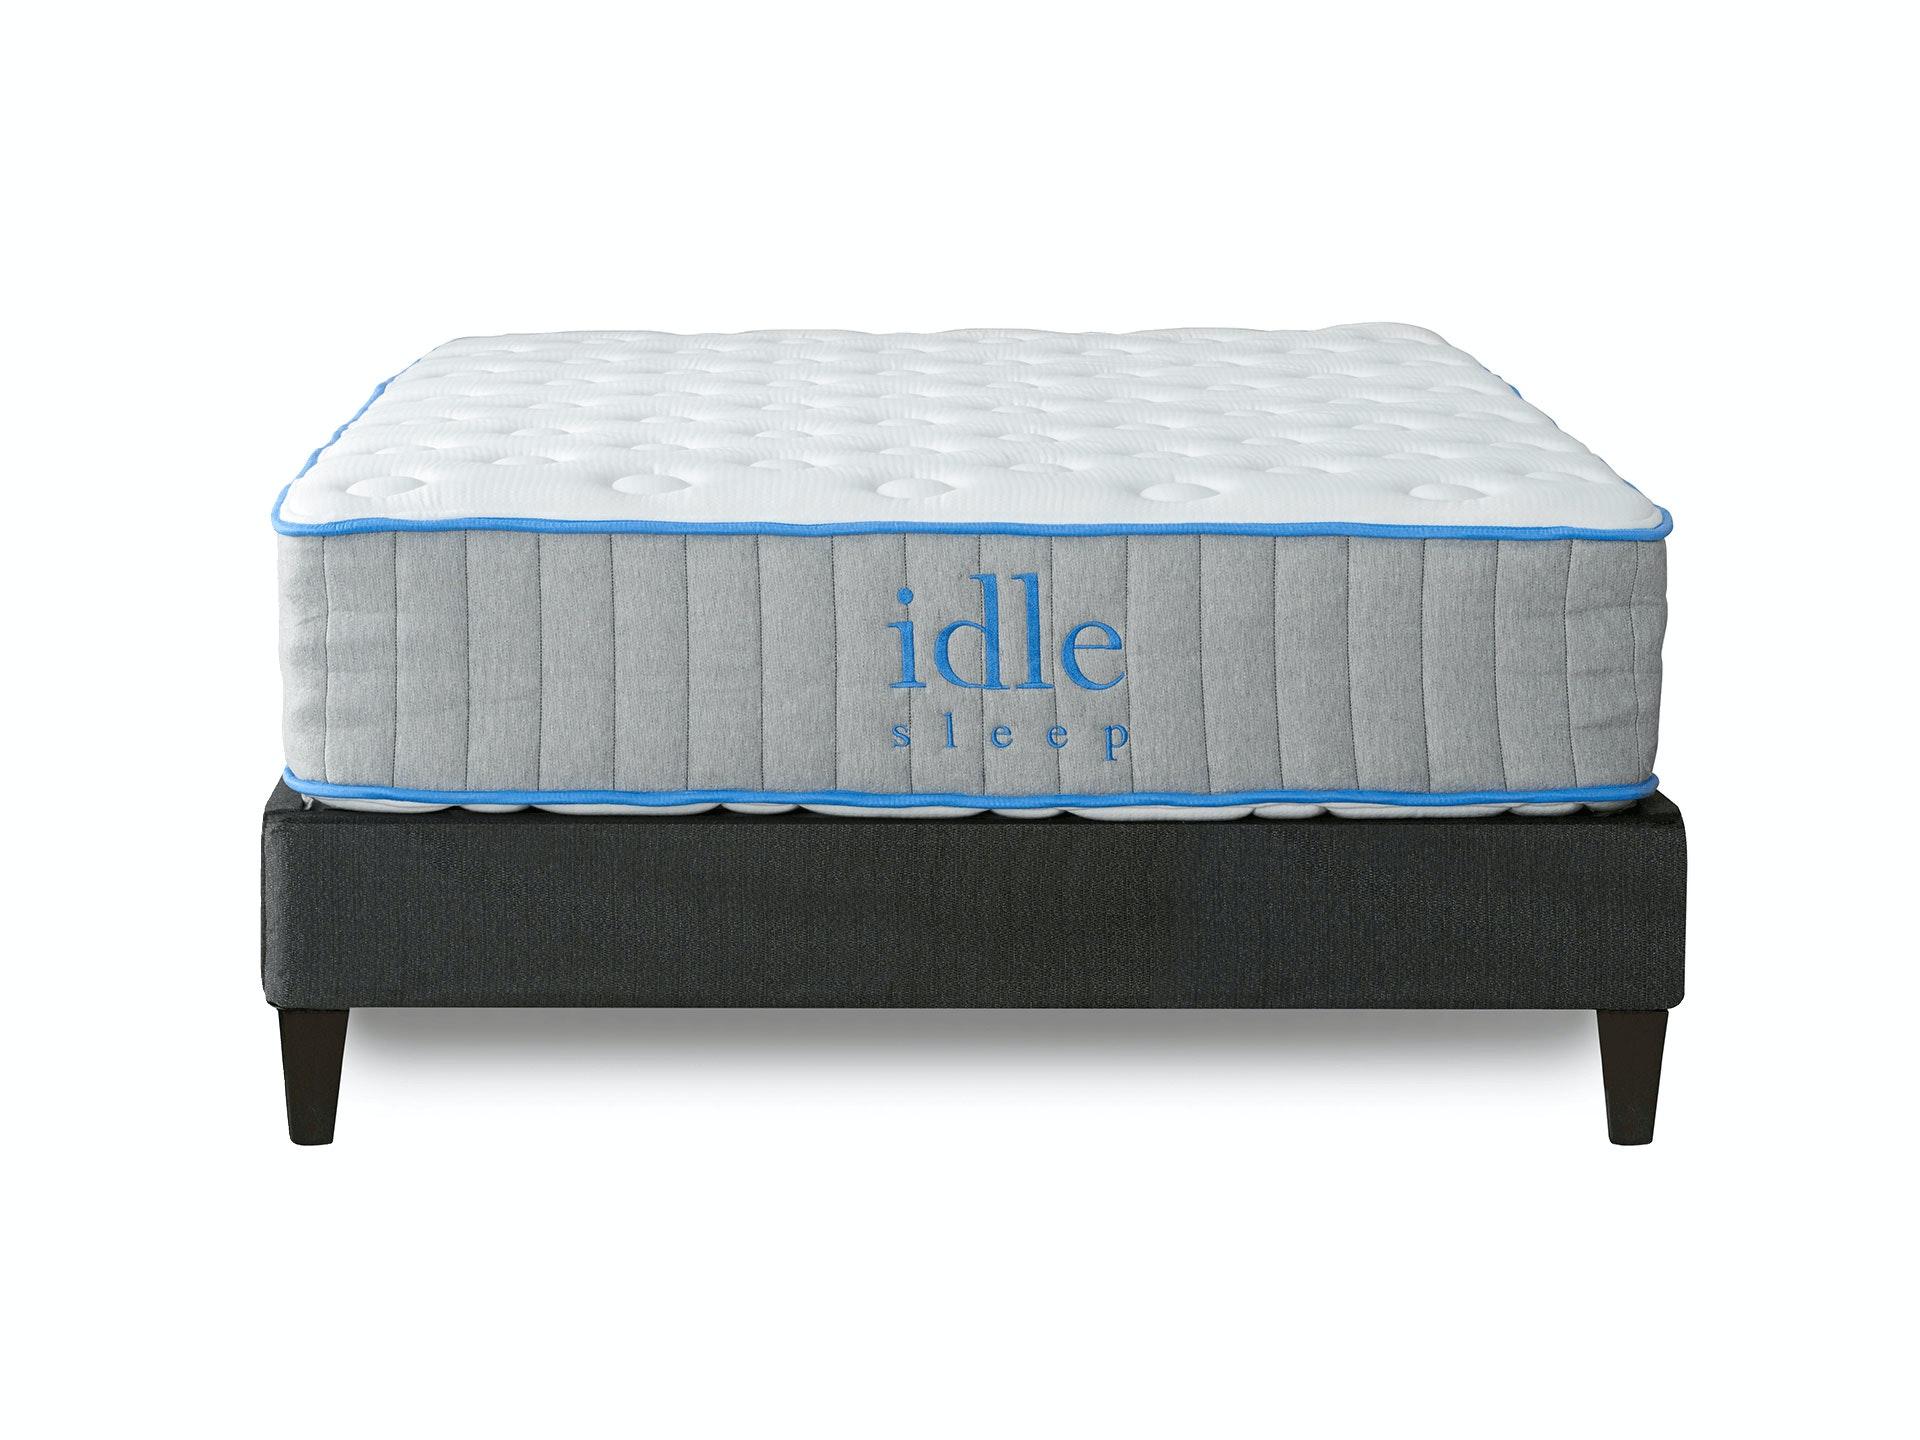 Best mattress made in USA